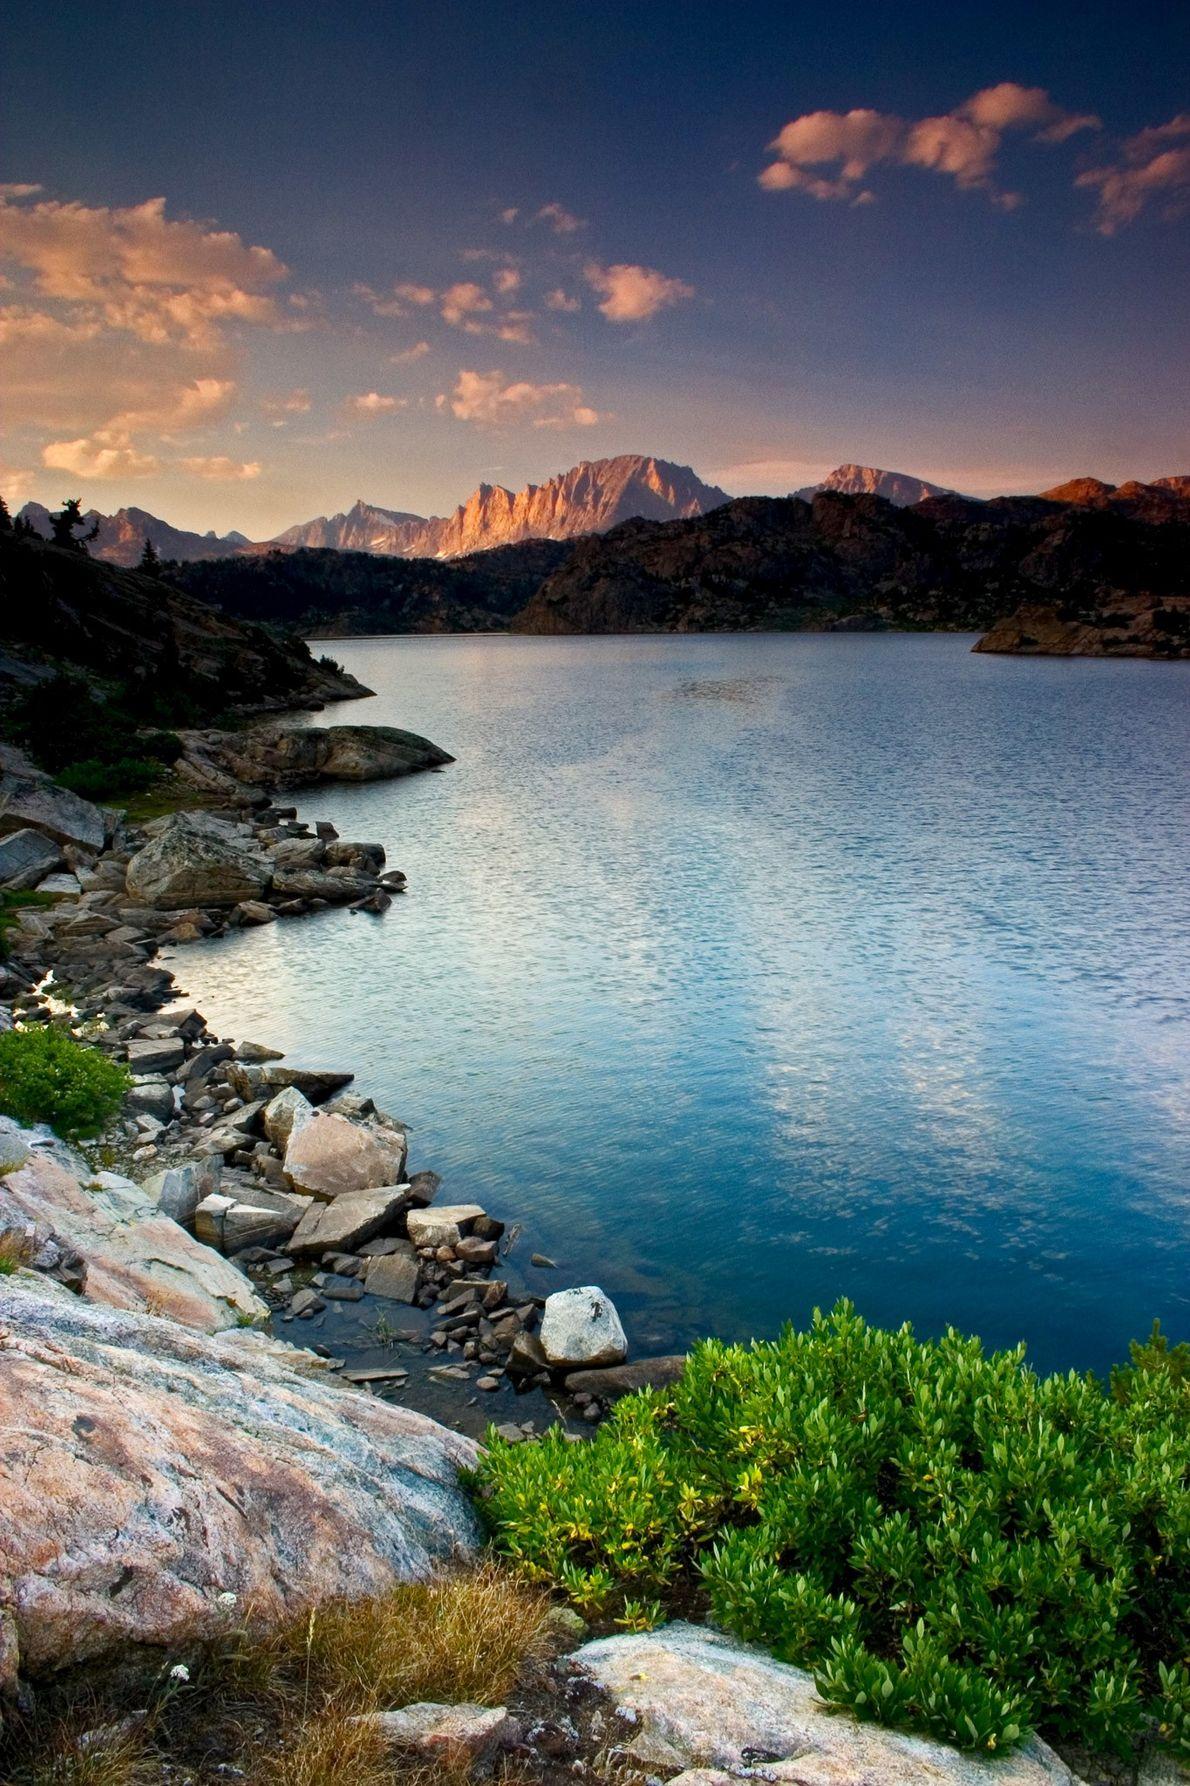 Le soleil se couche sur le lac Seneca et la ligne continentale de partage des eaux ...